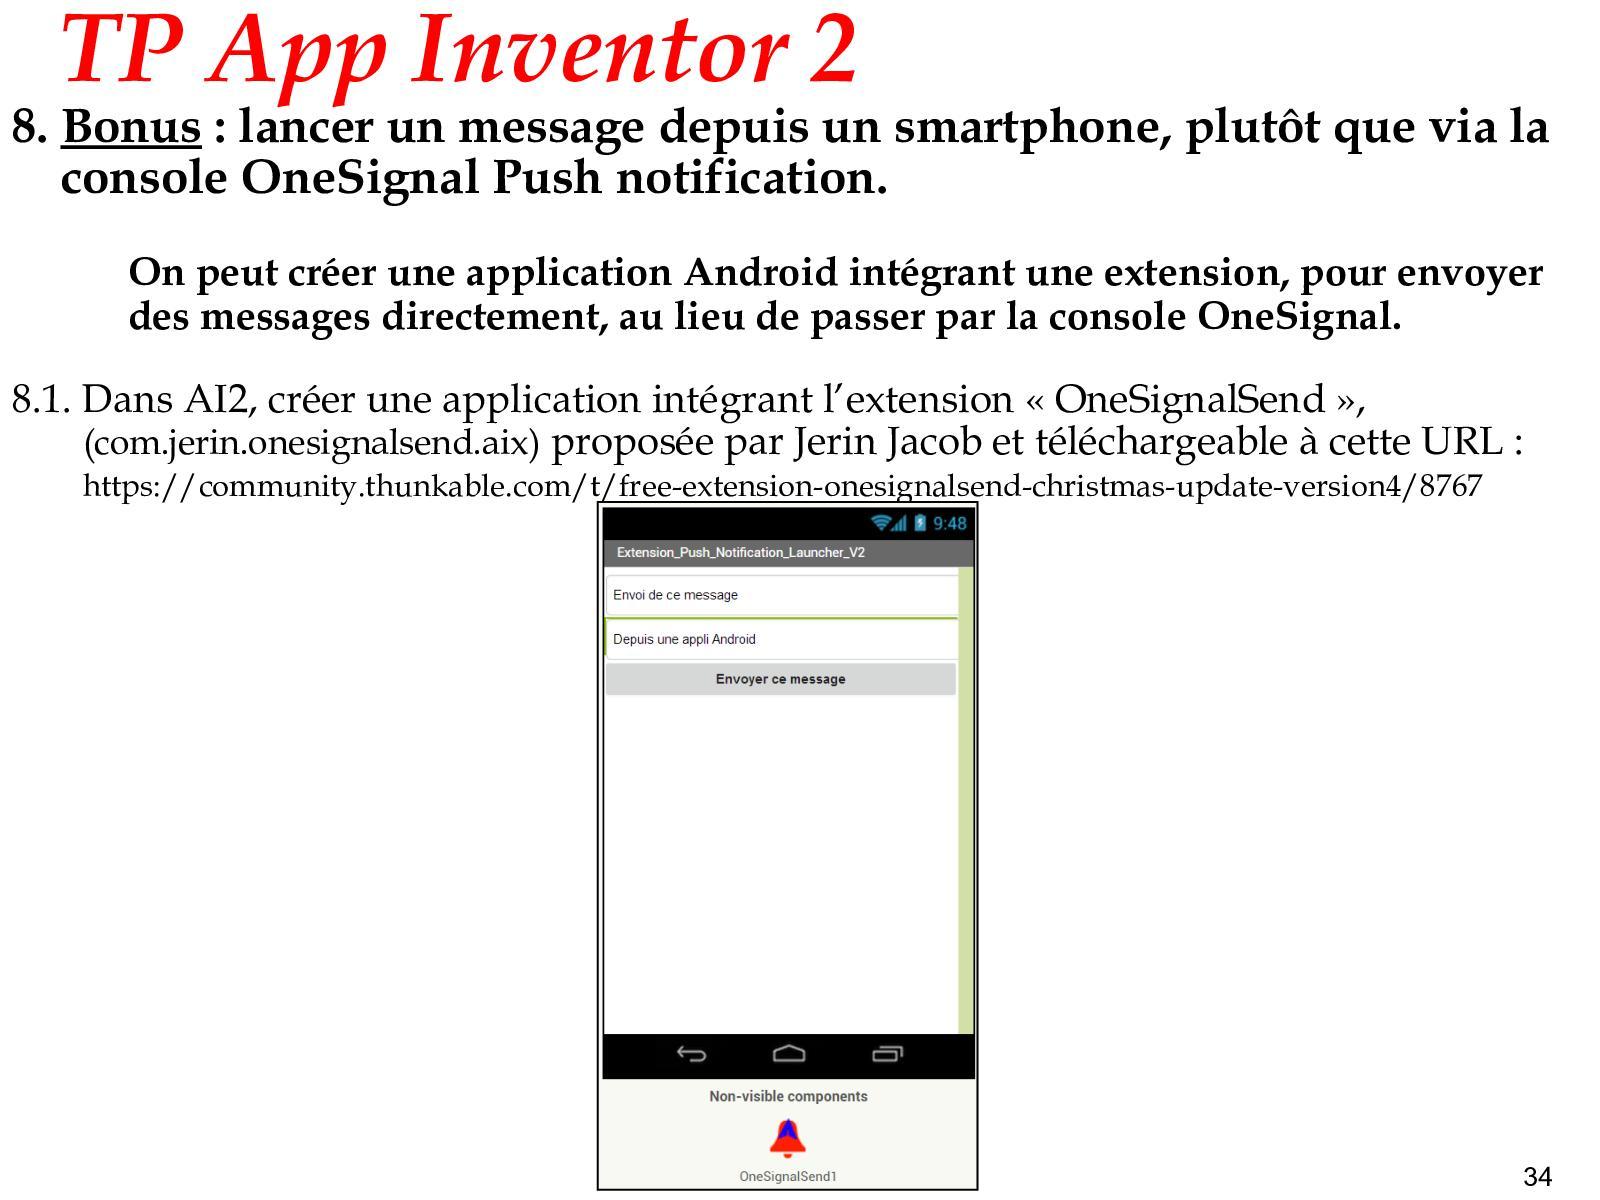 TP APP INVENTOR N°14 - CALAMEO Downloader